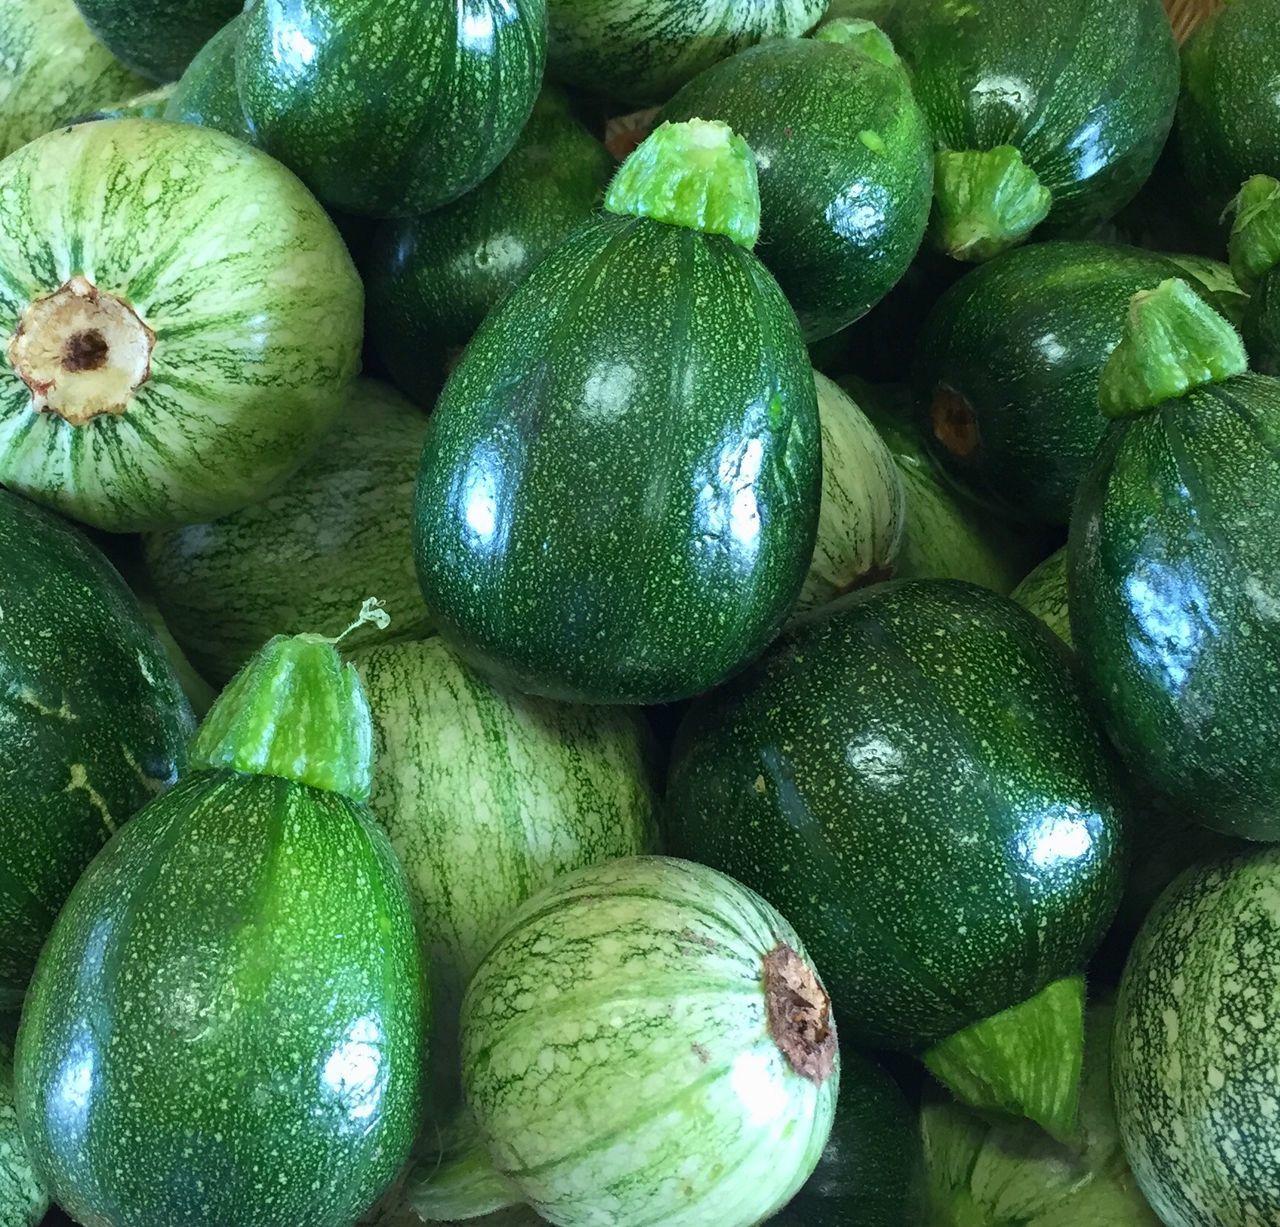 Small round Zucchini at Farm Markets